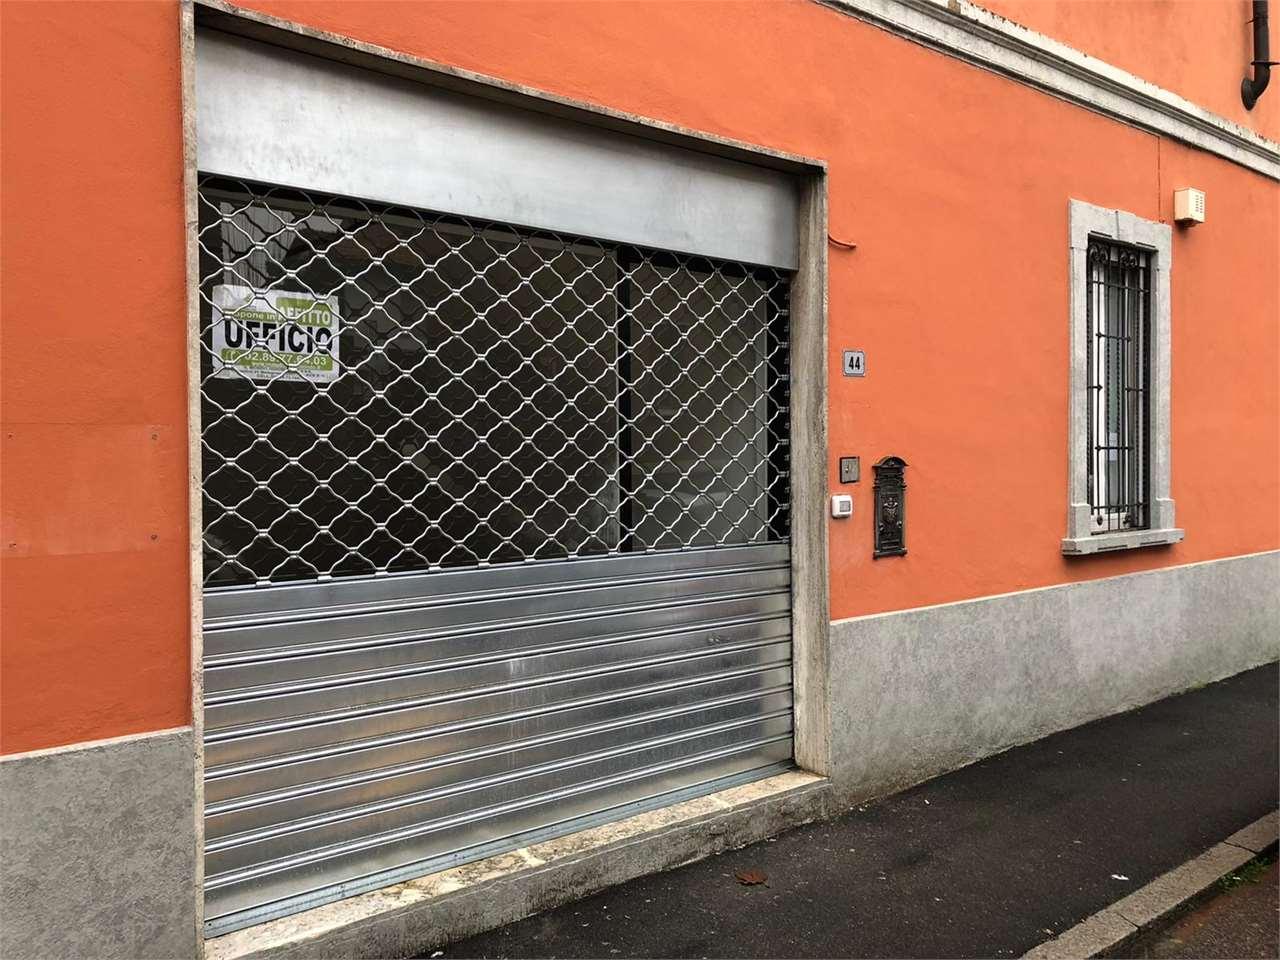 Ufficio / Studio in affitto a Melegnano, 9999 locali, prezzo € 700 | CambioCasa.it